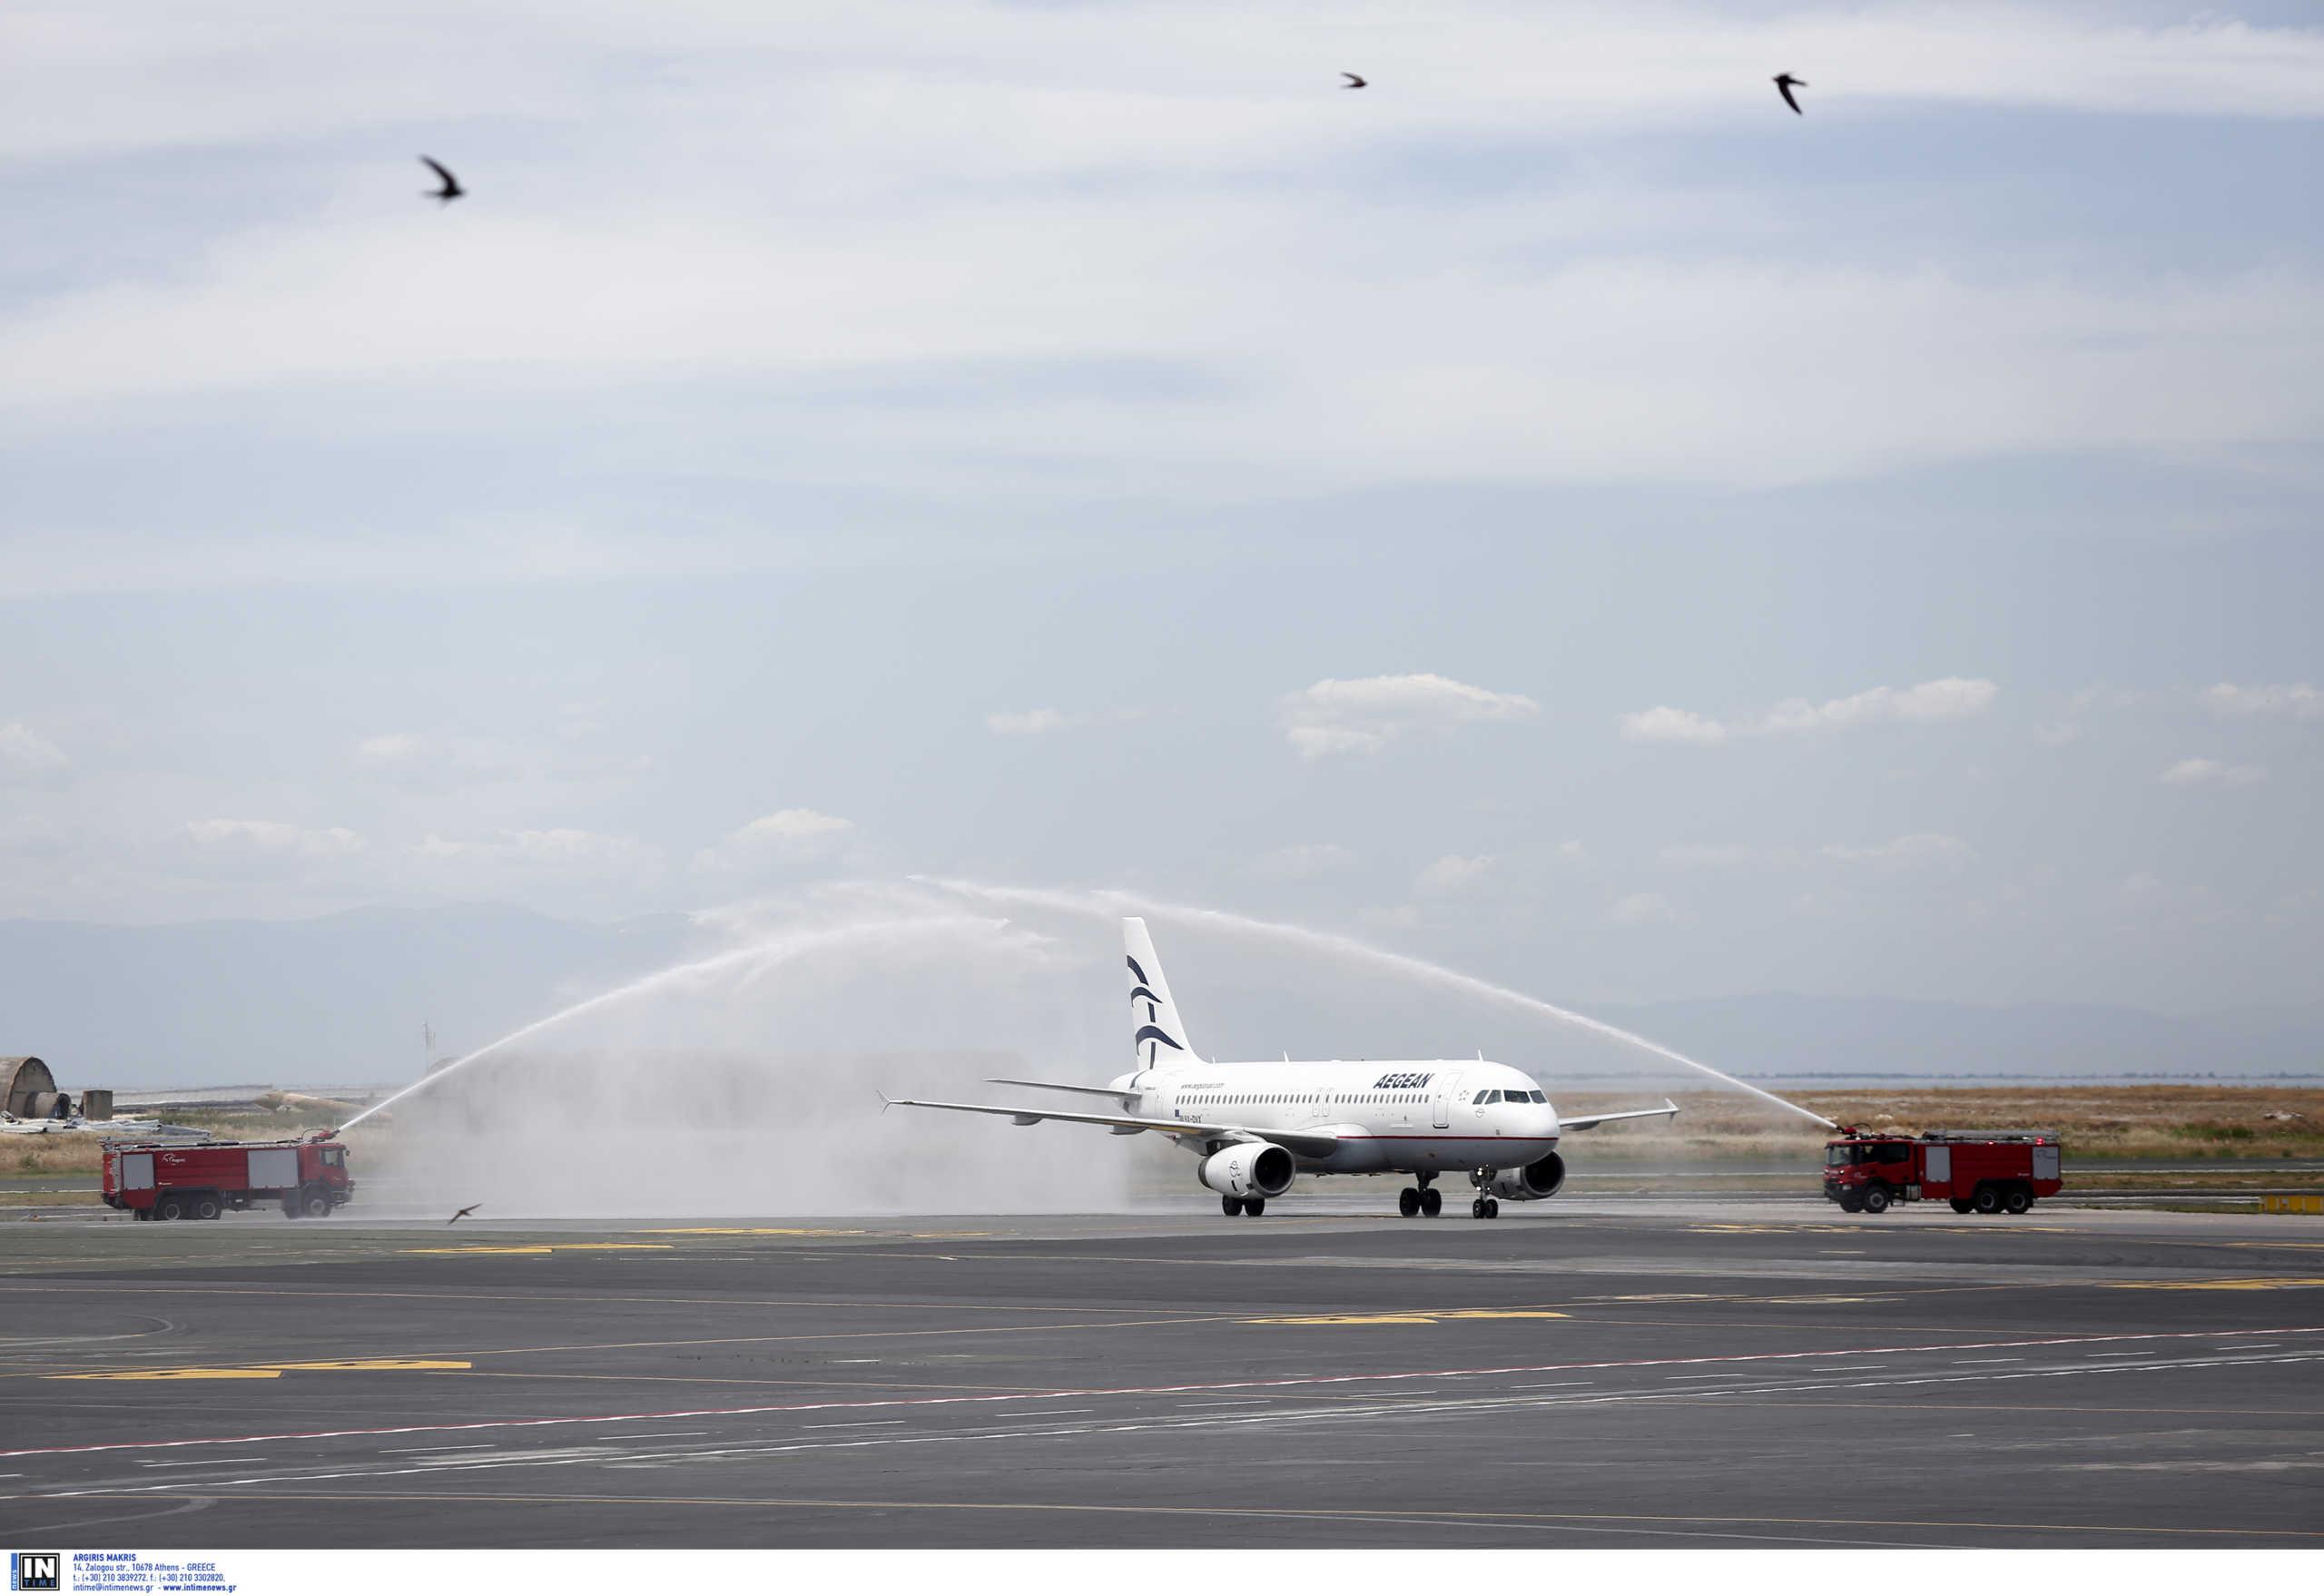 Έφτασε! Με αψίδα νερού και με… Χαρδαλιά η υποδοχή της πρώτης πτήσης εξωτερικού στο αεροδρόμιο Μακεδονία (video)